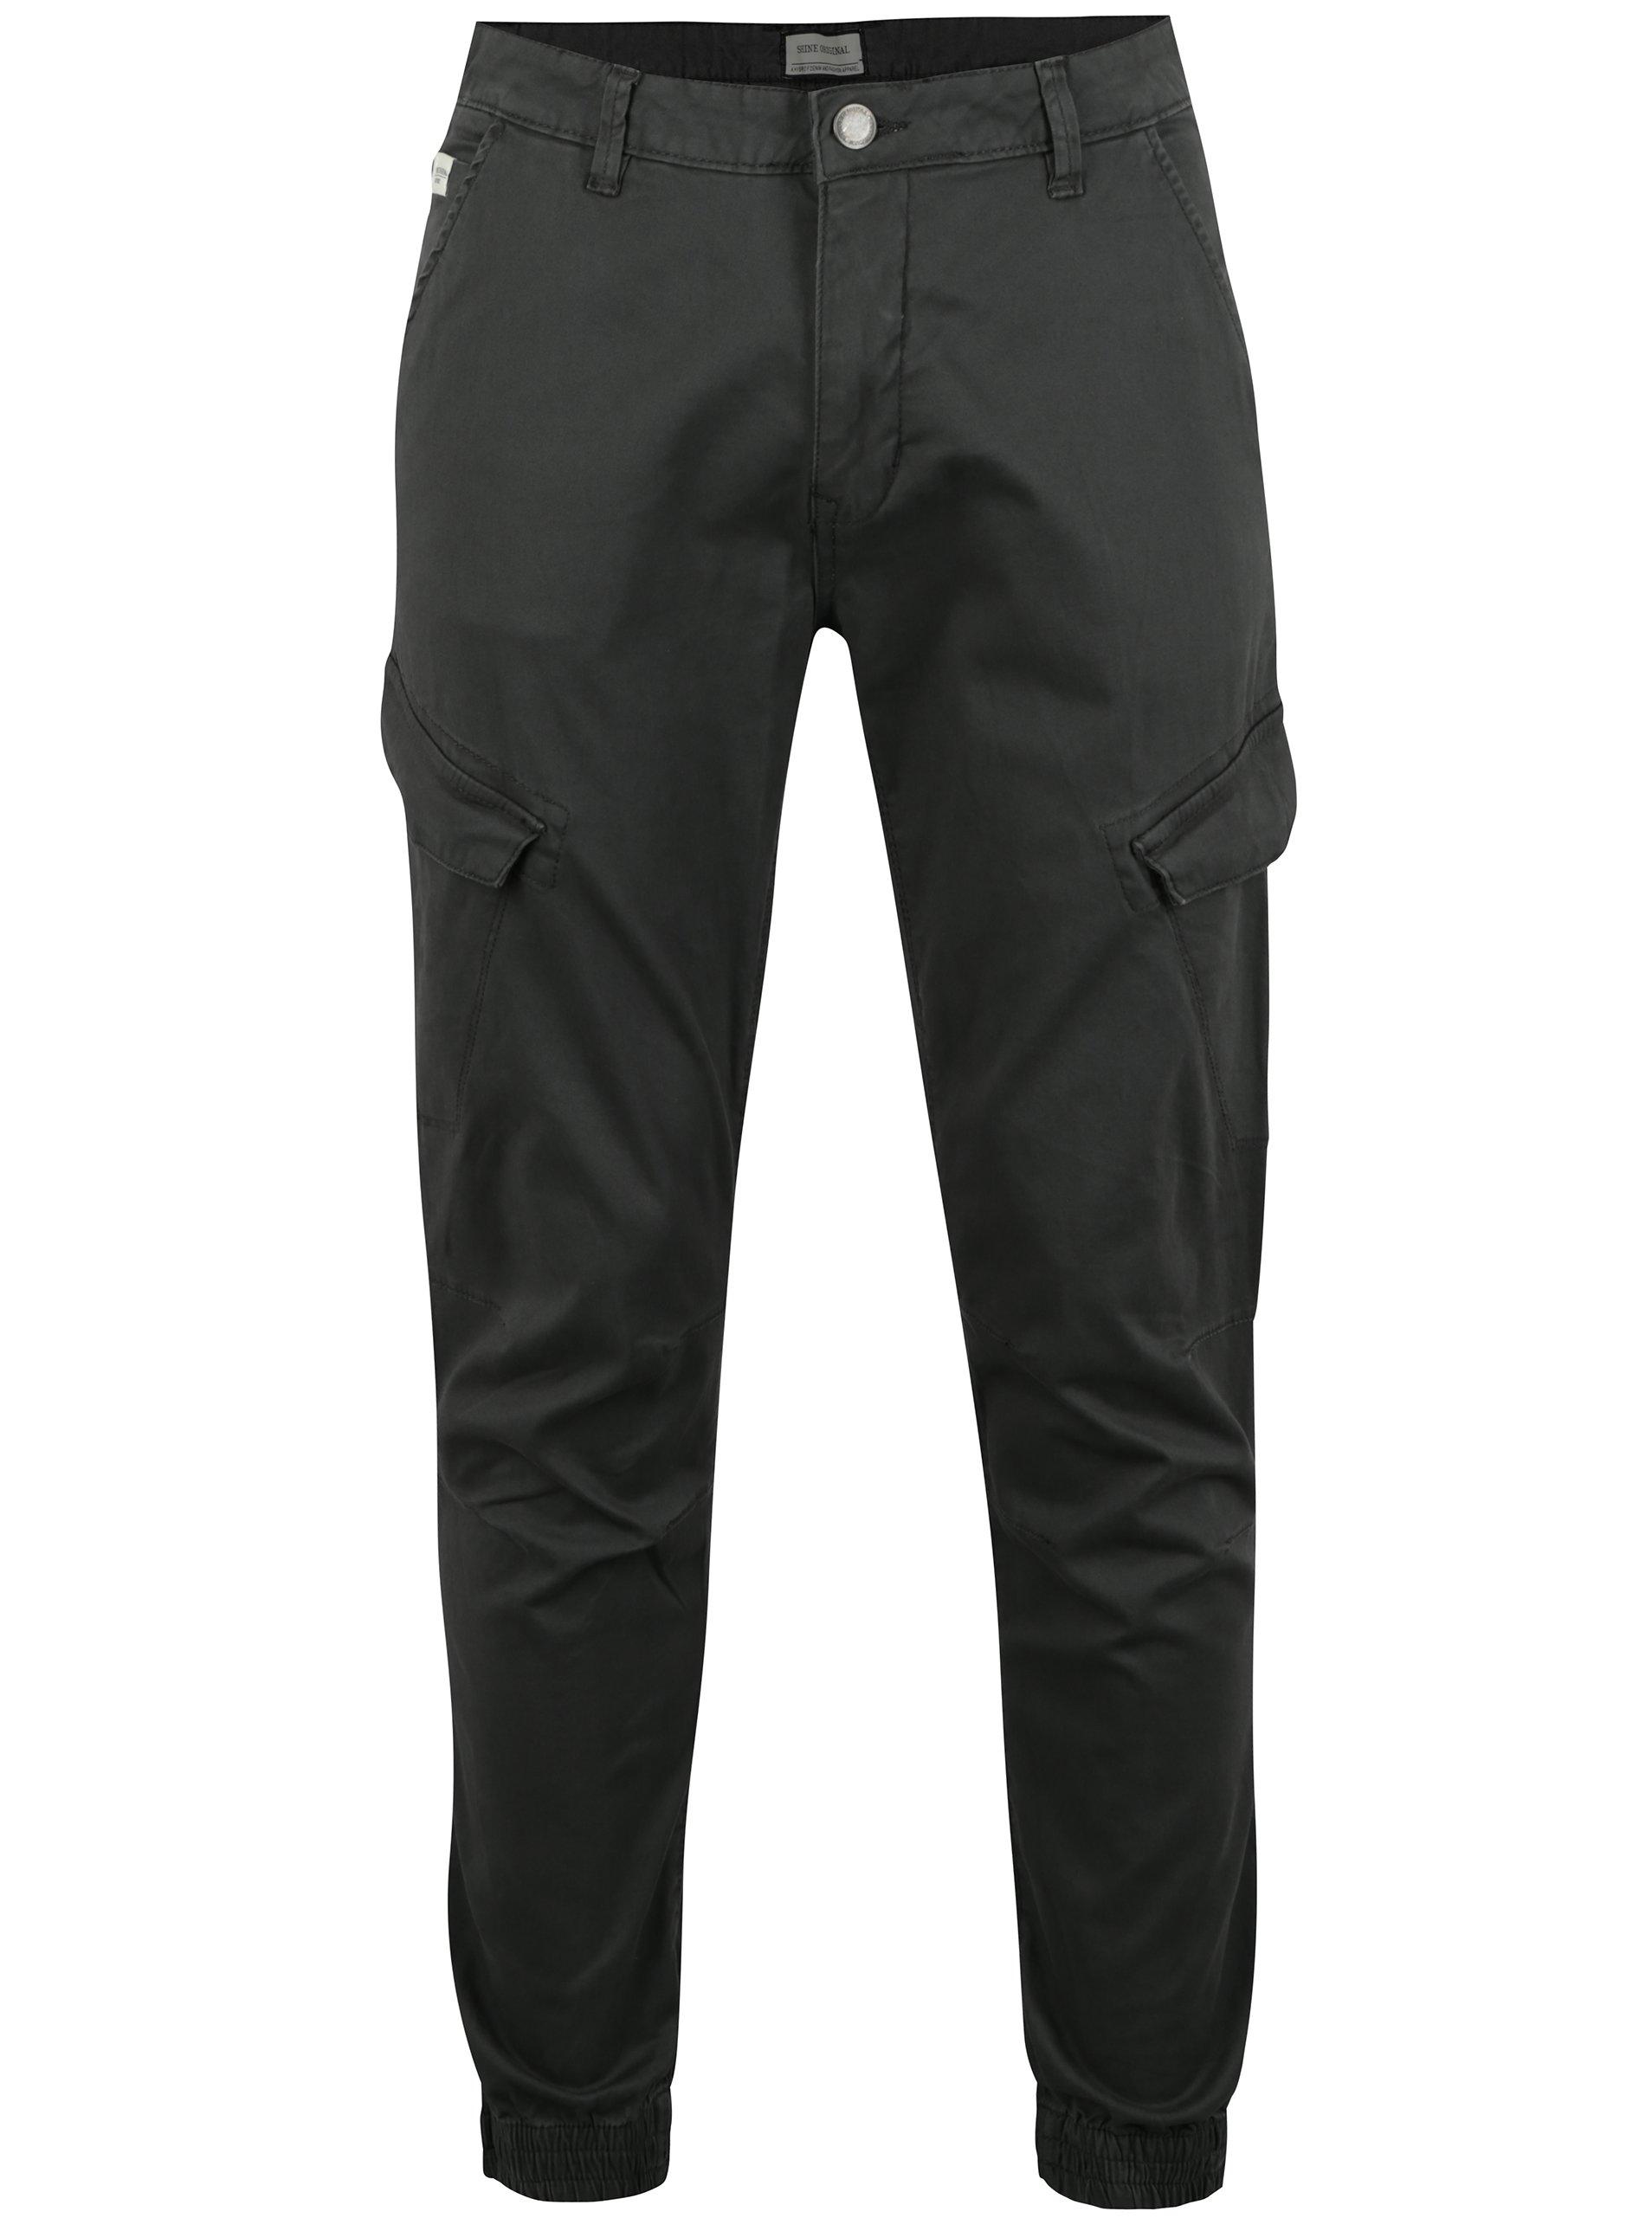 Tmavě šedé kalhoty s kapsami Shine Original